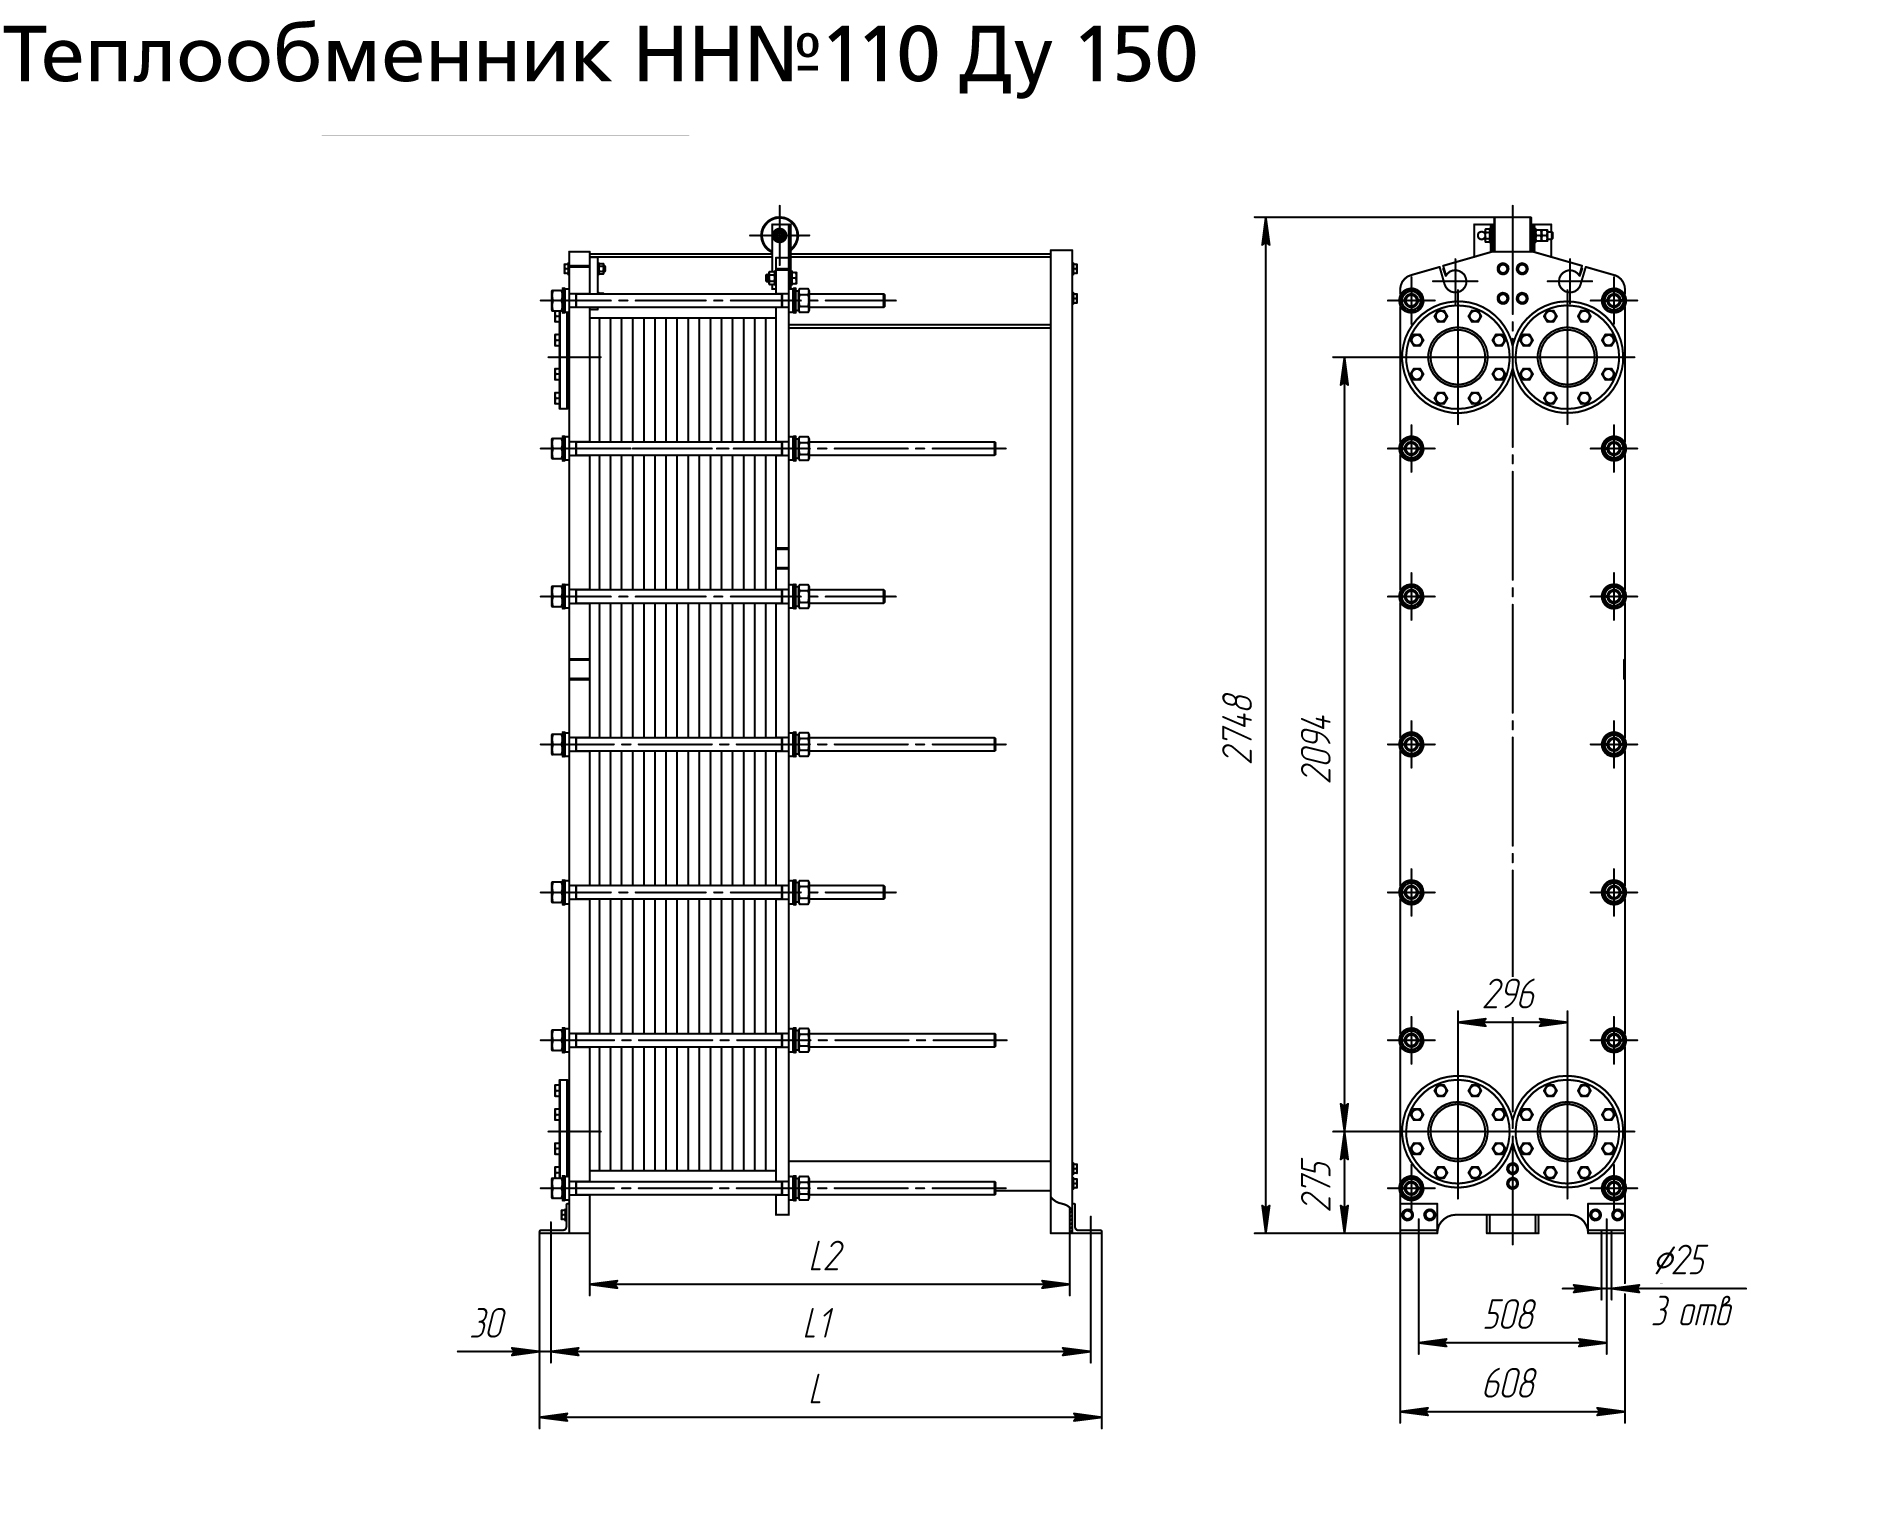 Купить теплообменник ду-150 в беларуси как разобрать теплообменник в дэу